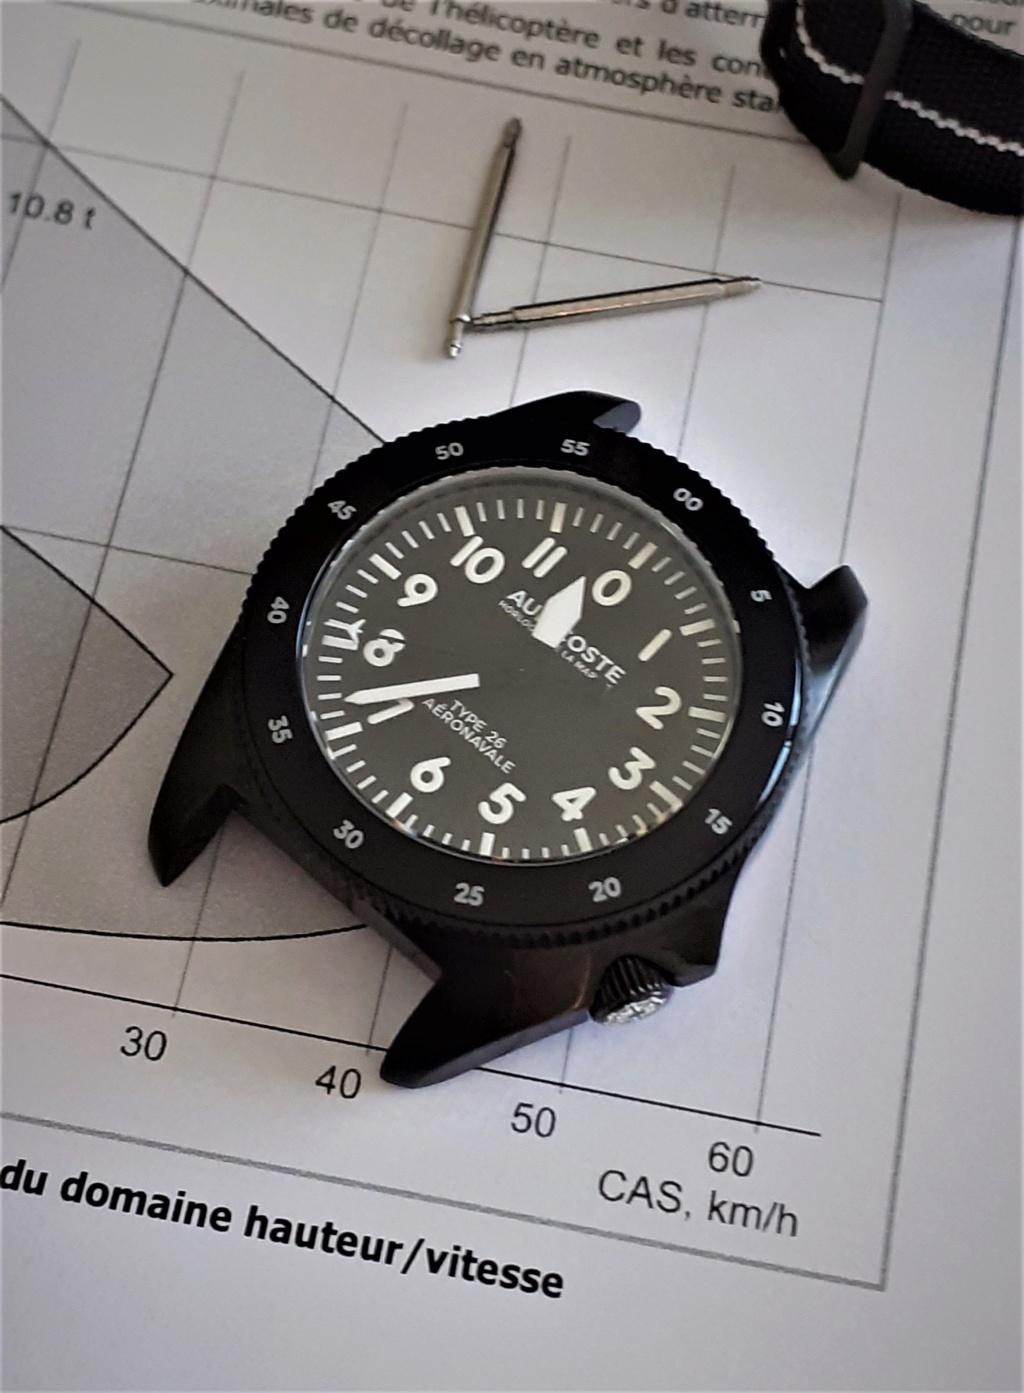 [Revue] Auricoste - Aéronavale Type 26 20200519